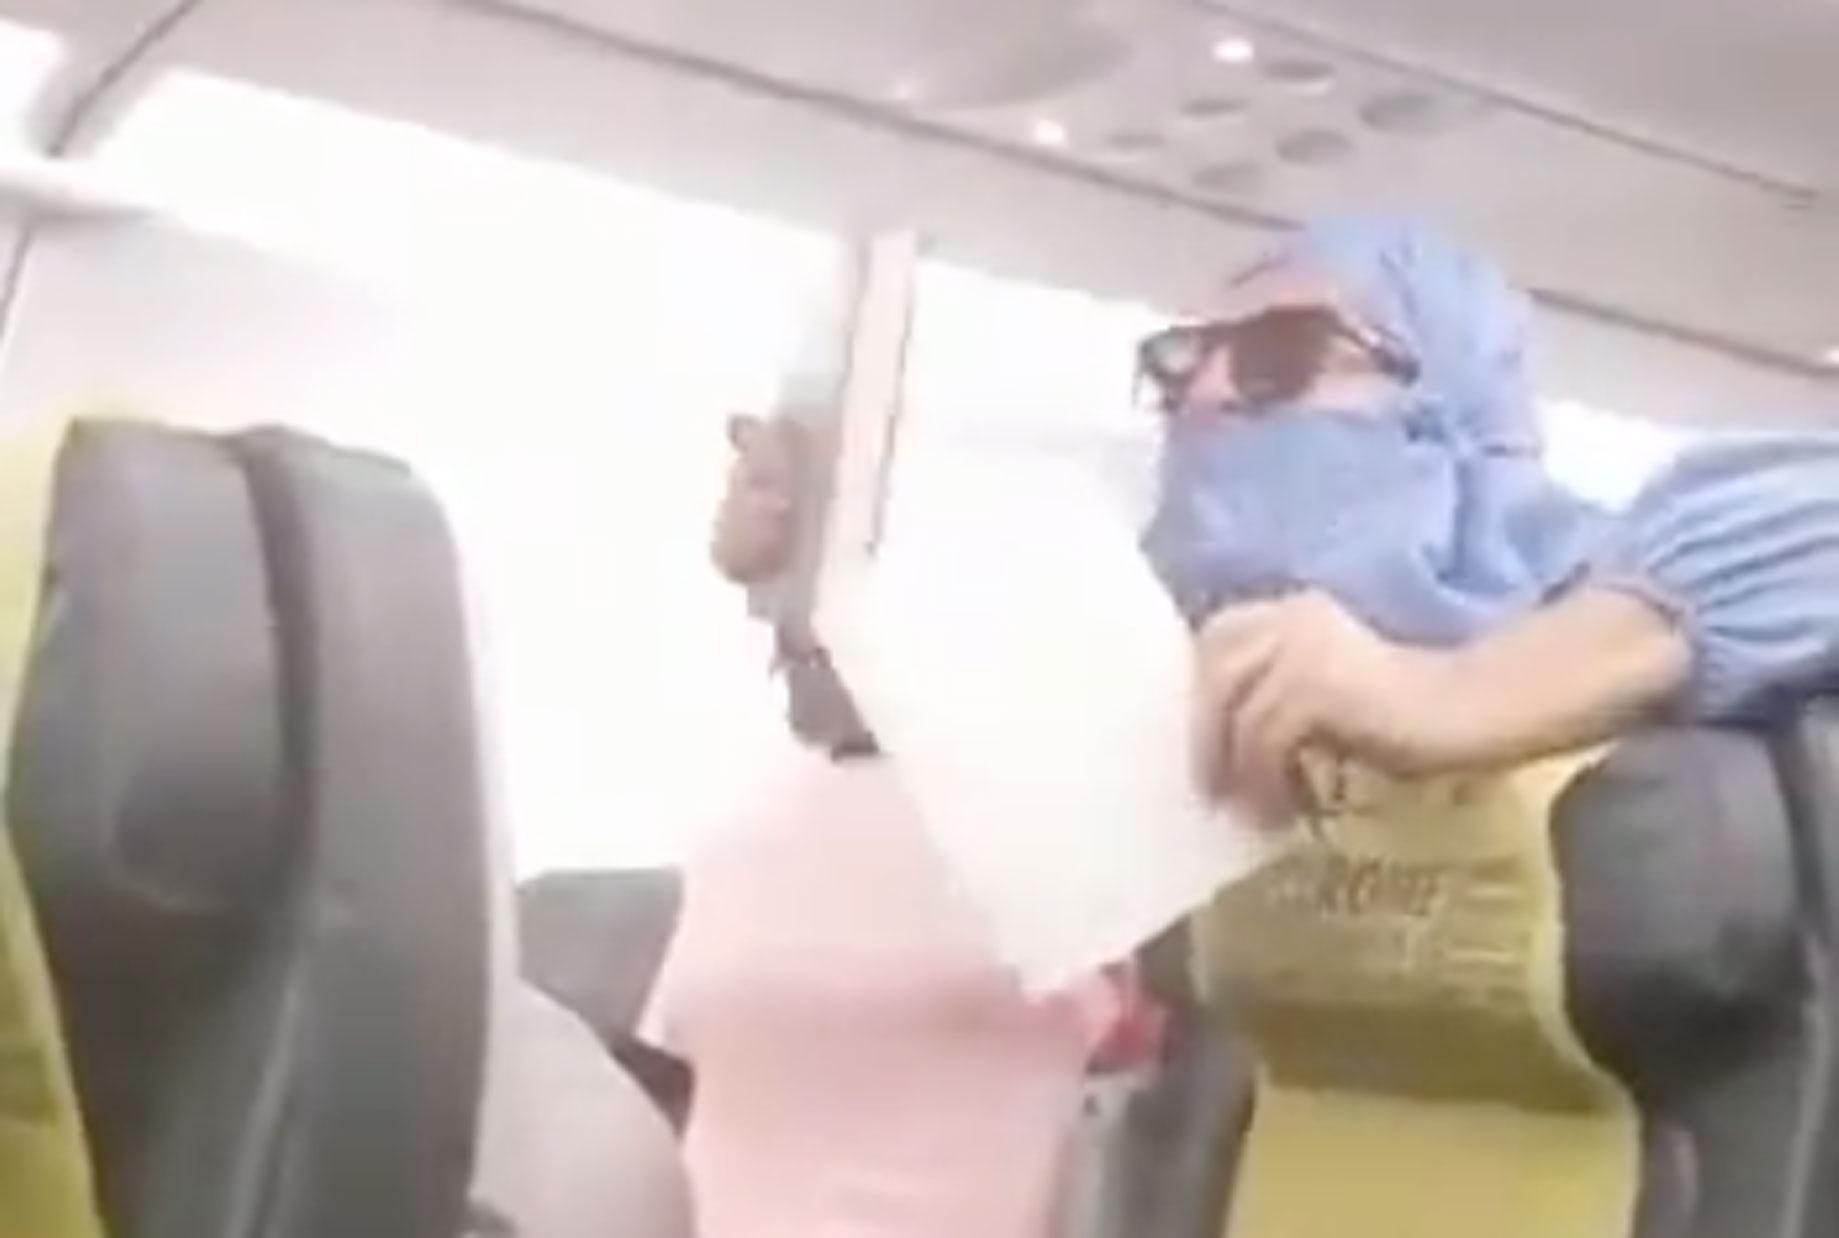 Τρόμος σε πτήση από Κωνσταντινούπολη! «Θα ανατινάξω το αεροπλάνο!» φώναζε επιβάτης [video]